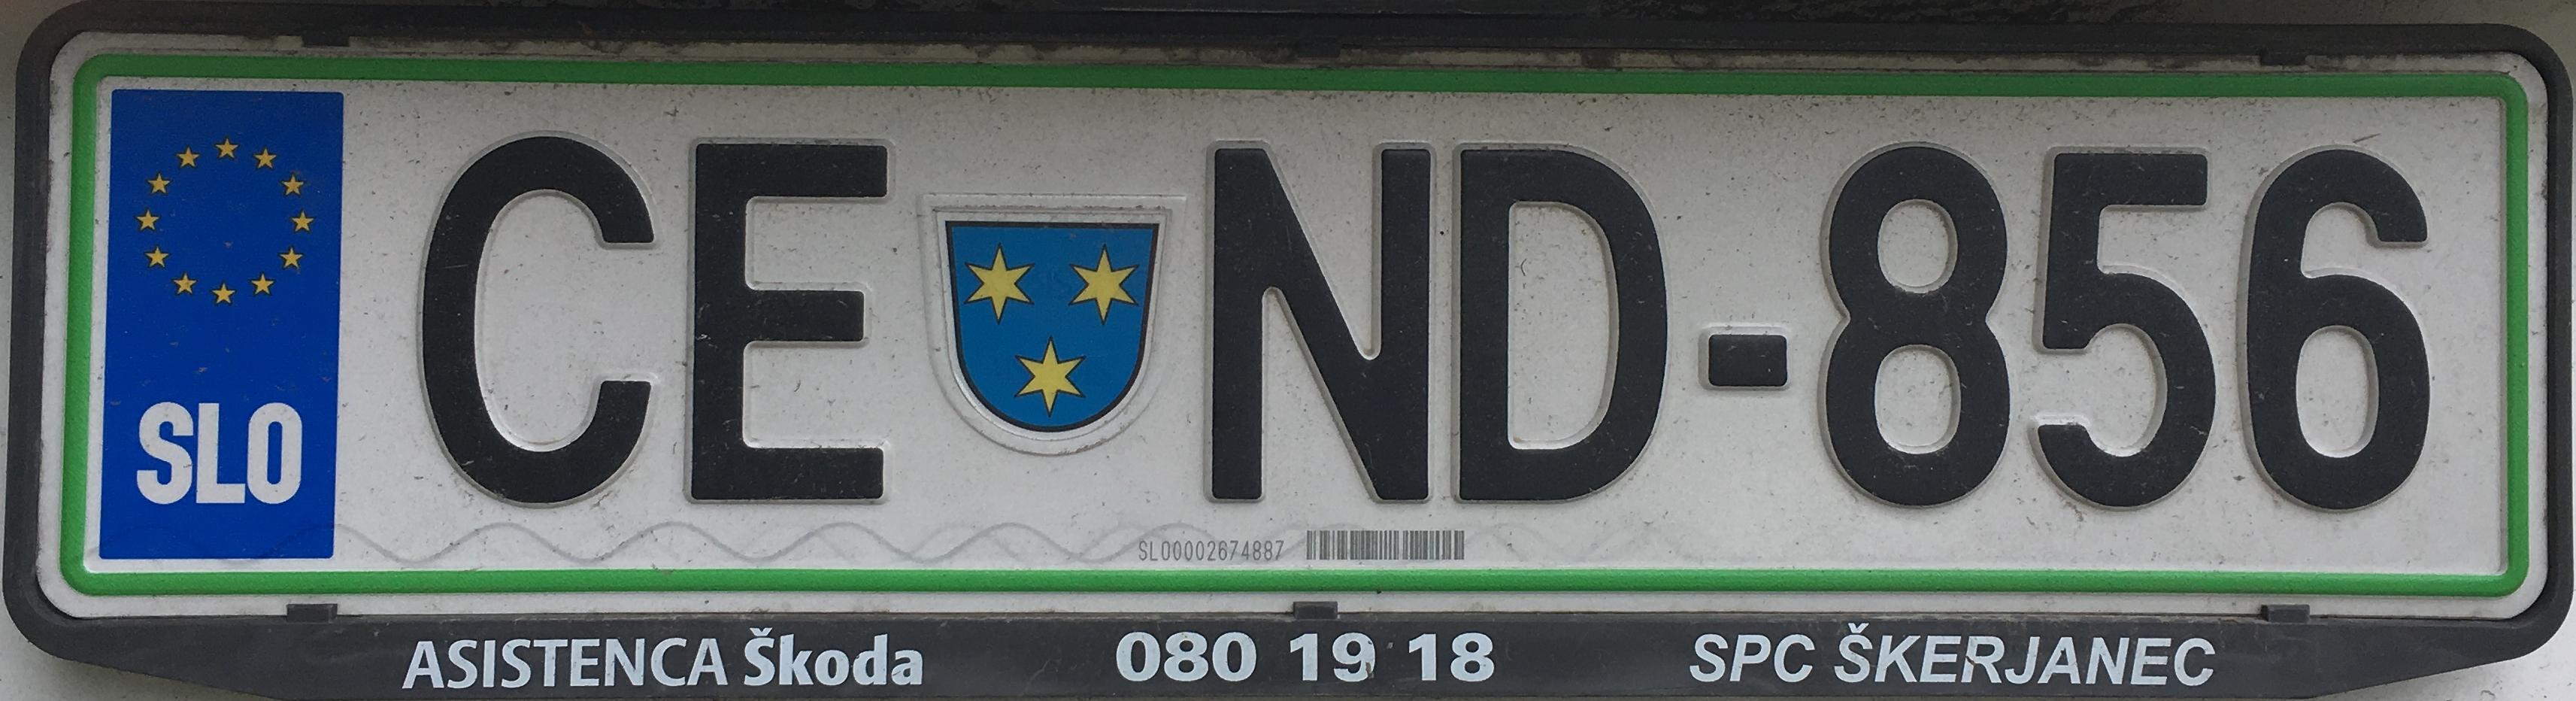 Registrační značka Slovinsko – CE – Celje, foto: www.podalnici.cz